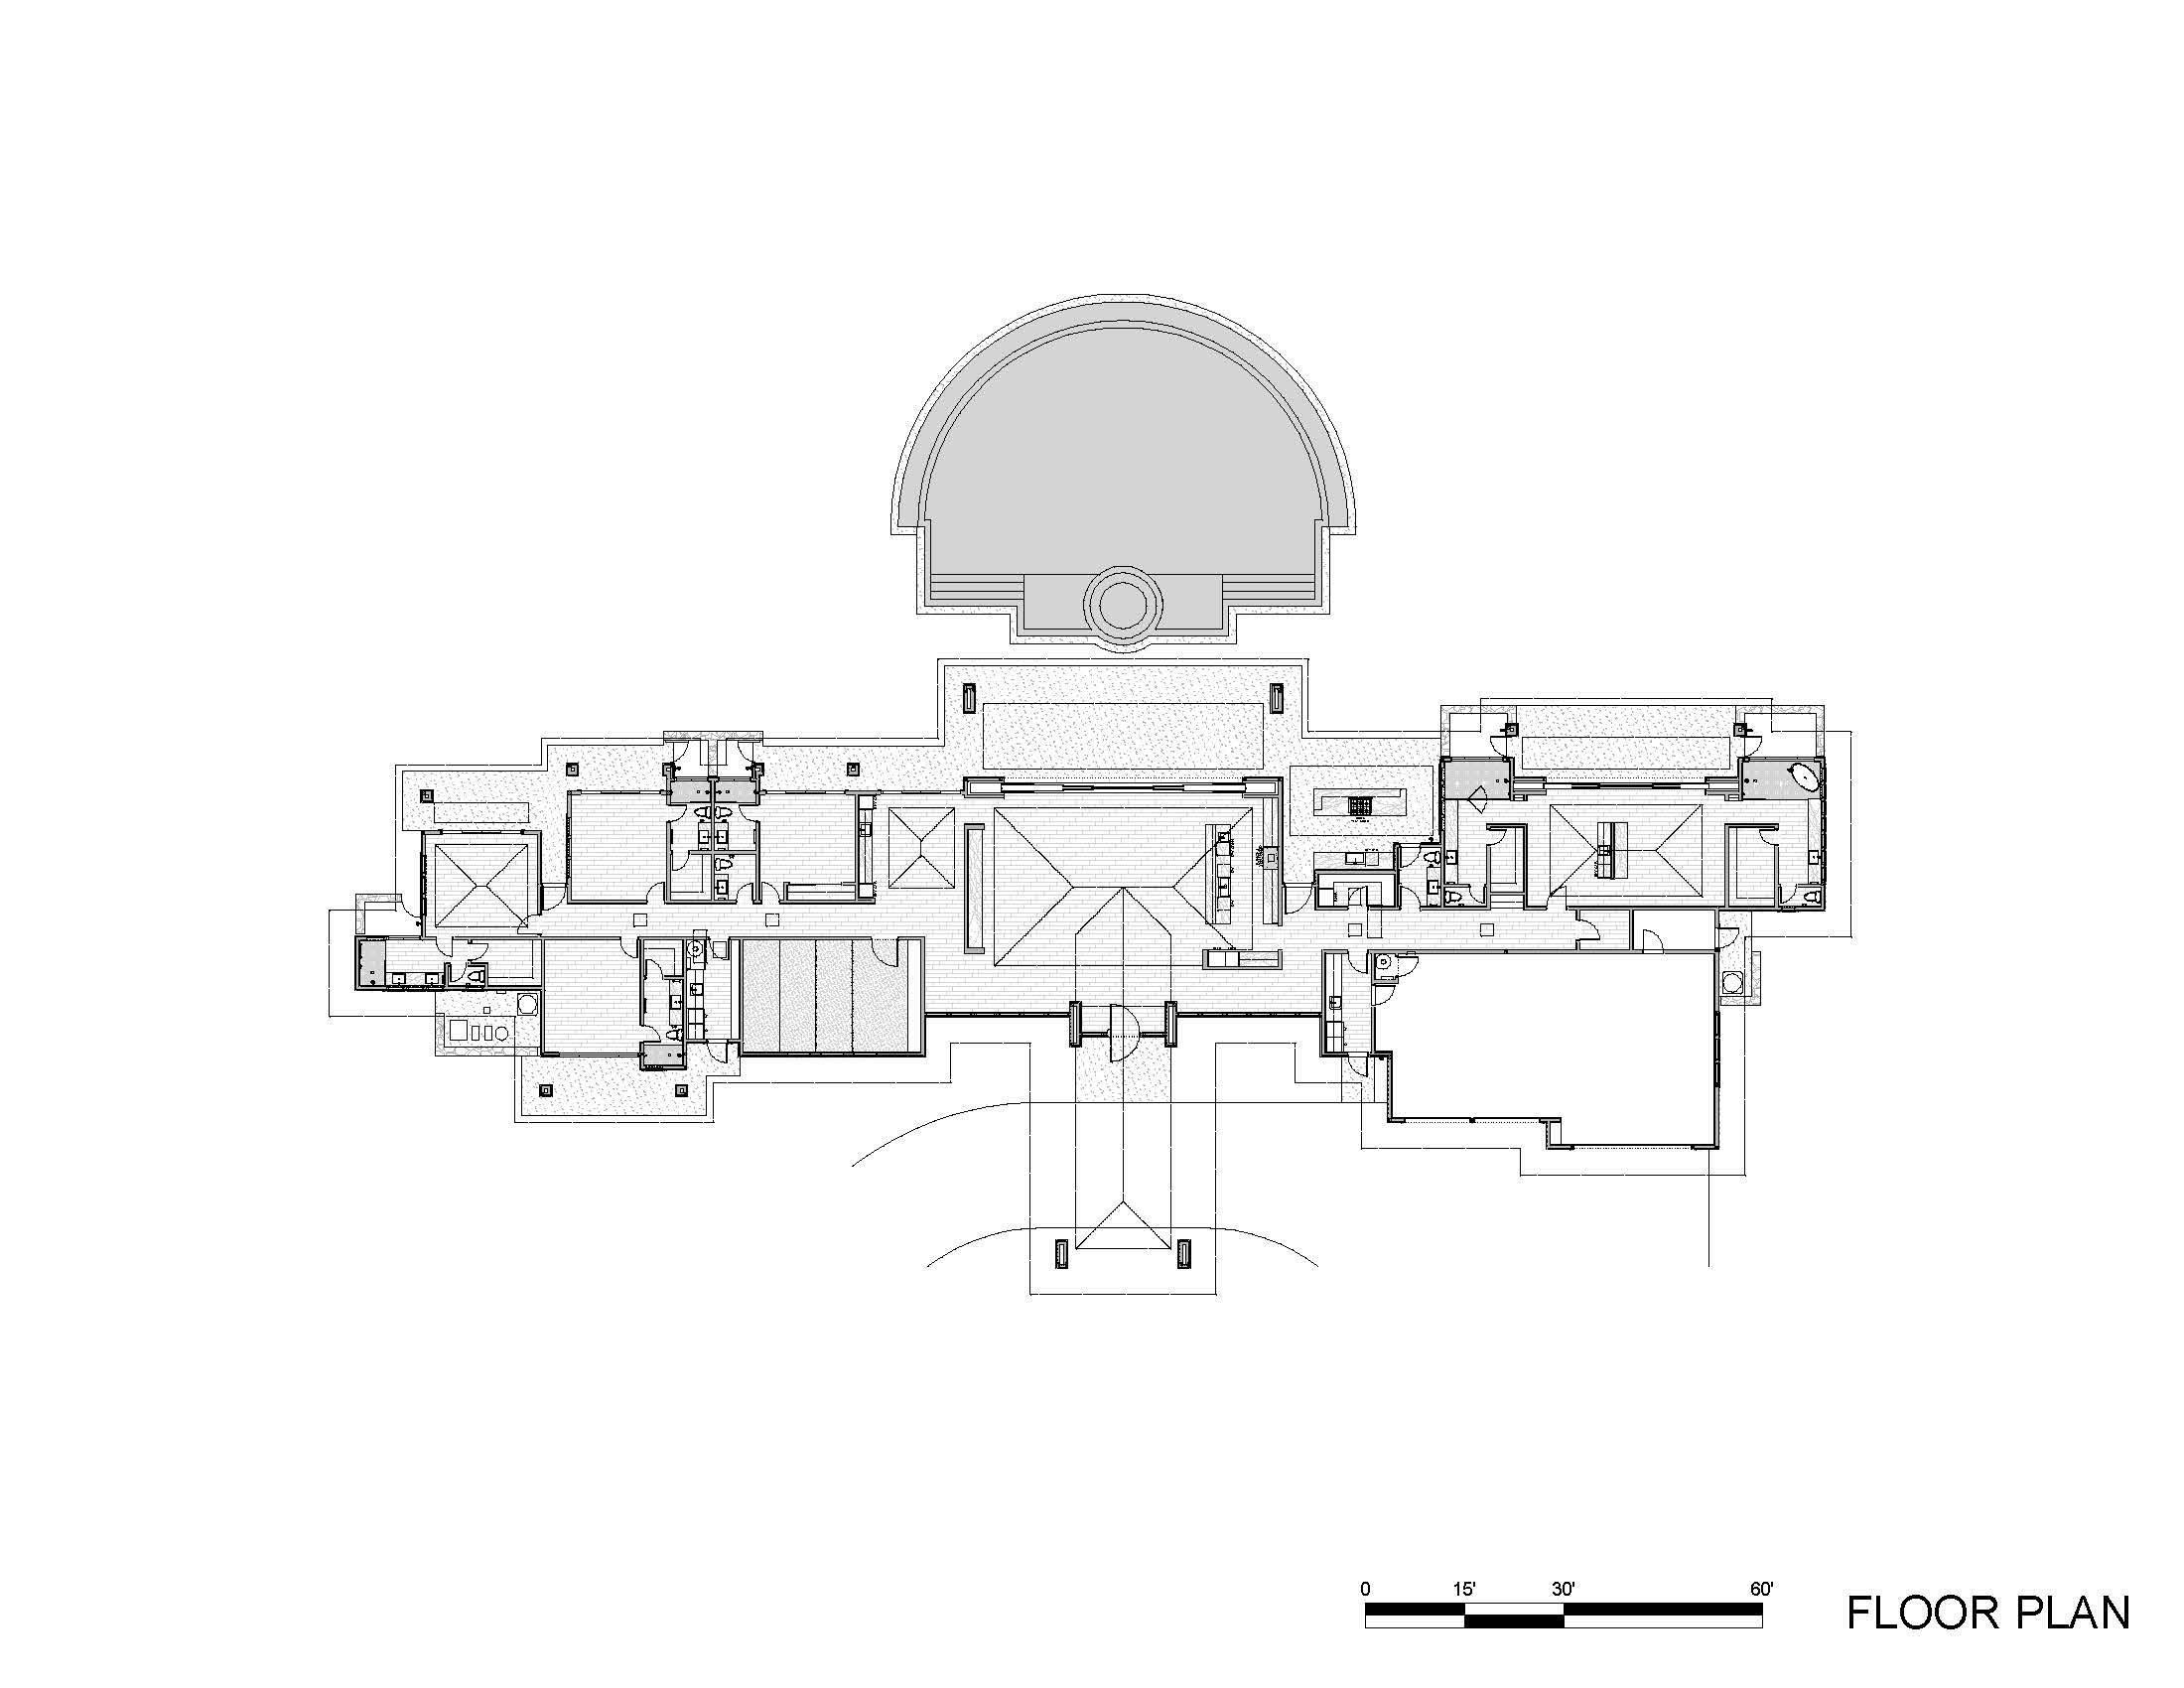 d65a1577